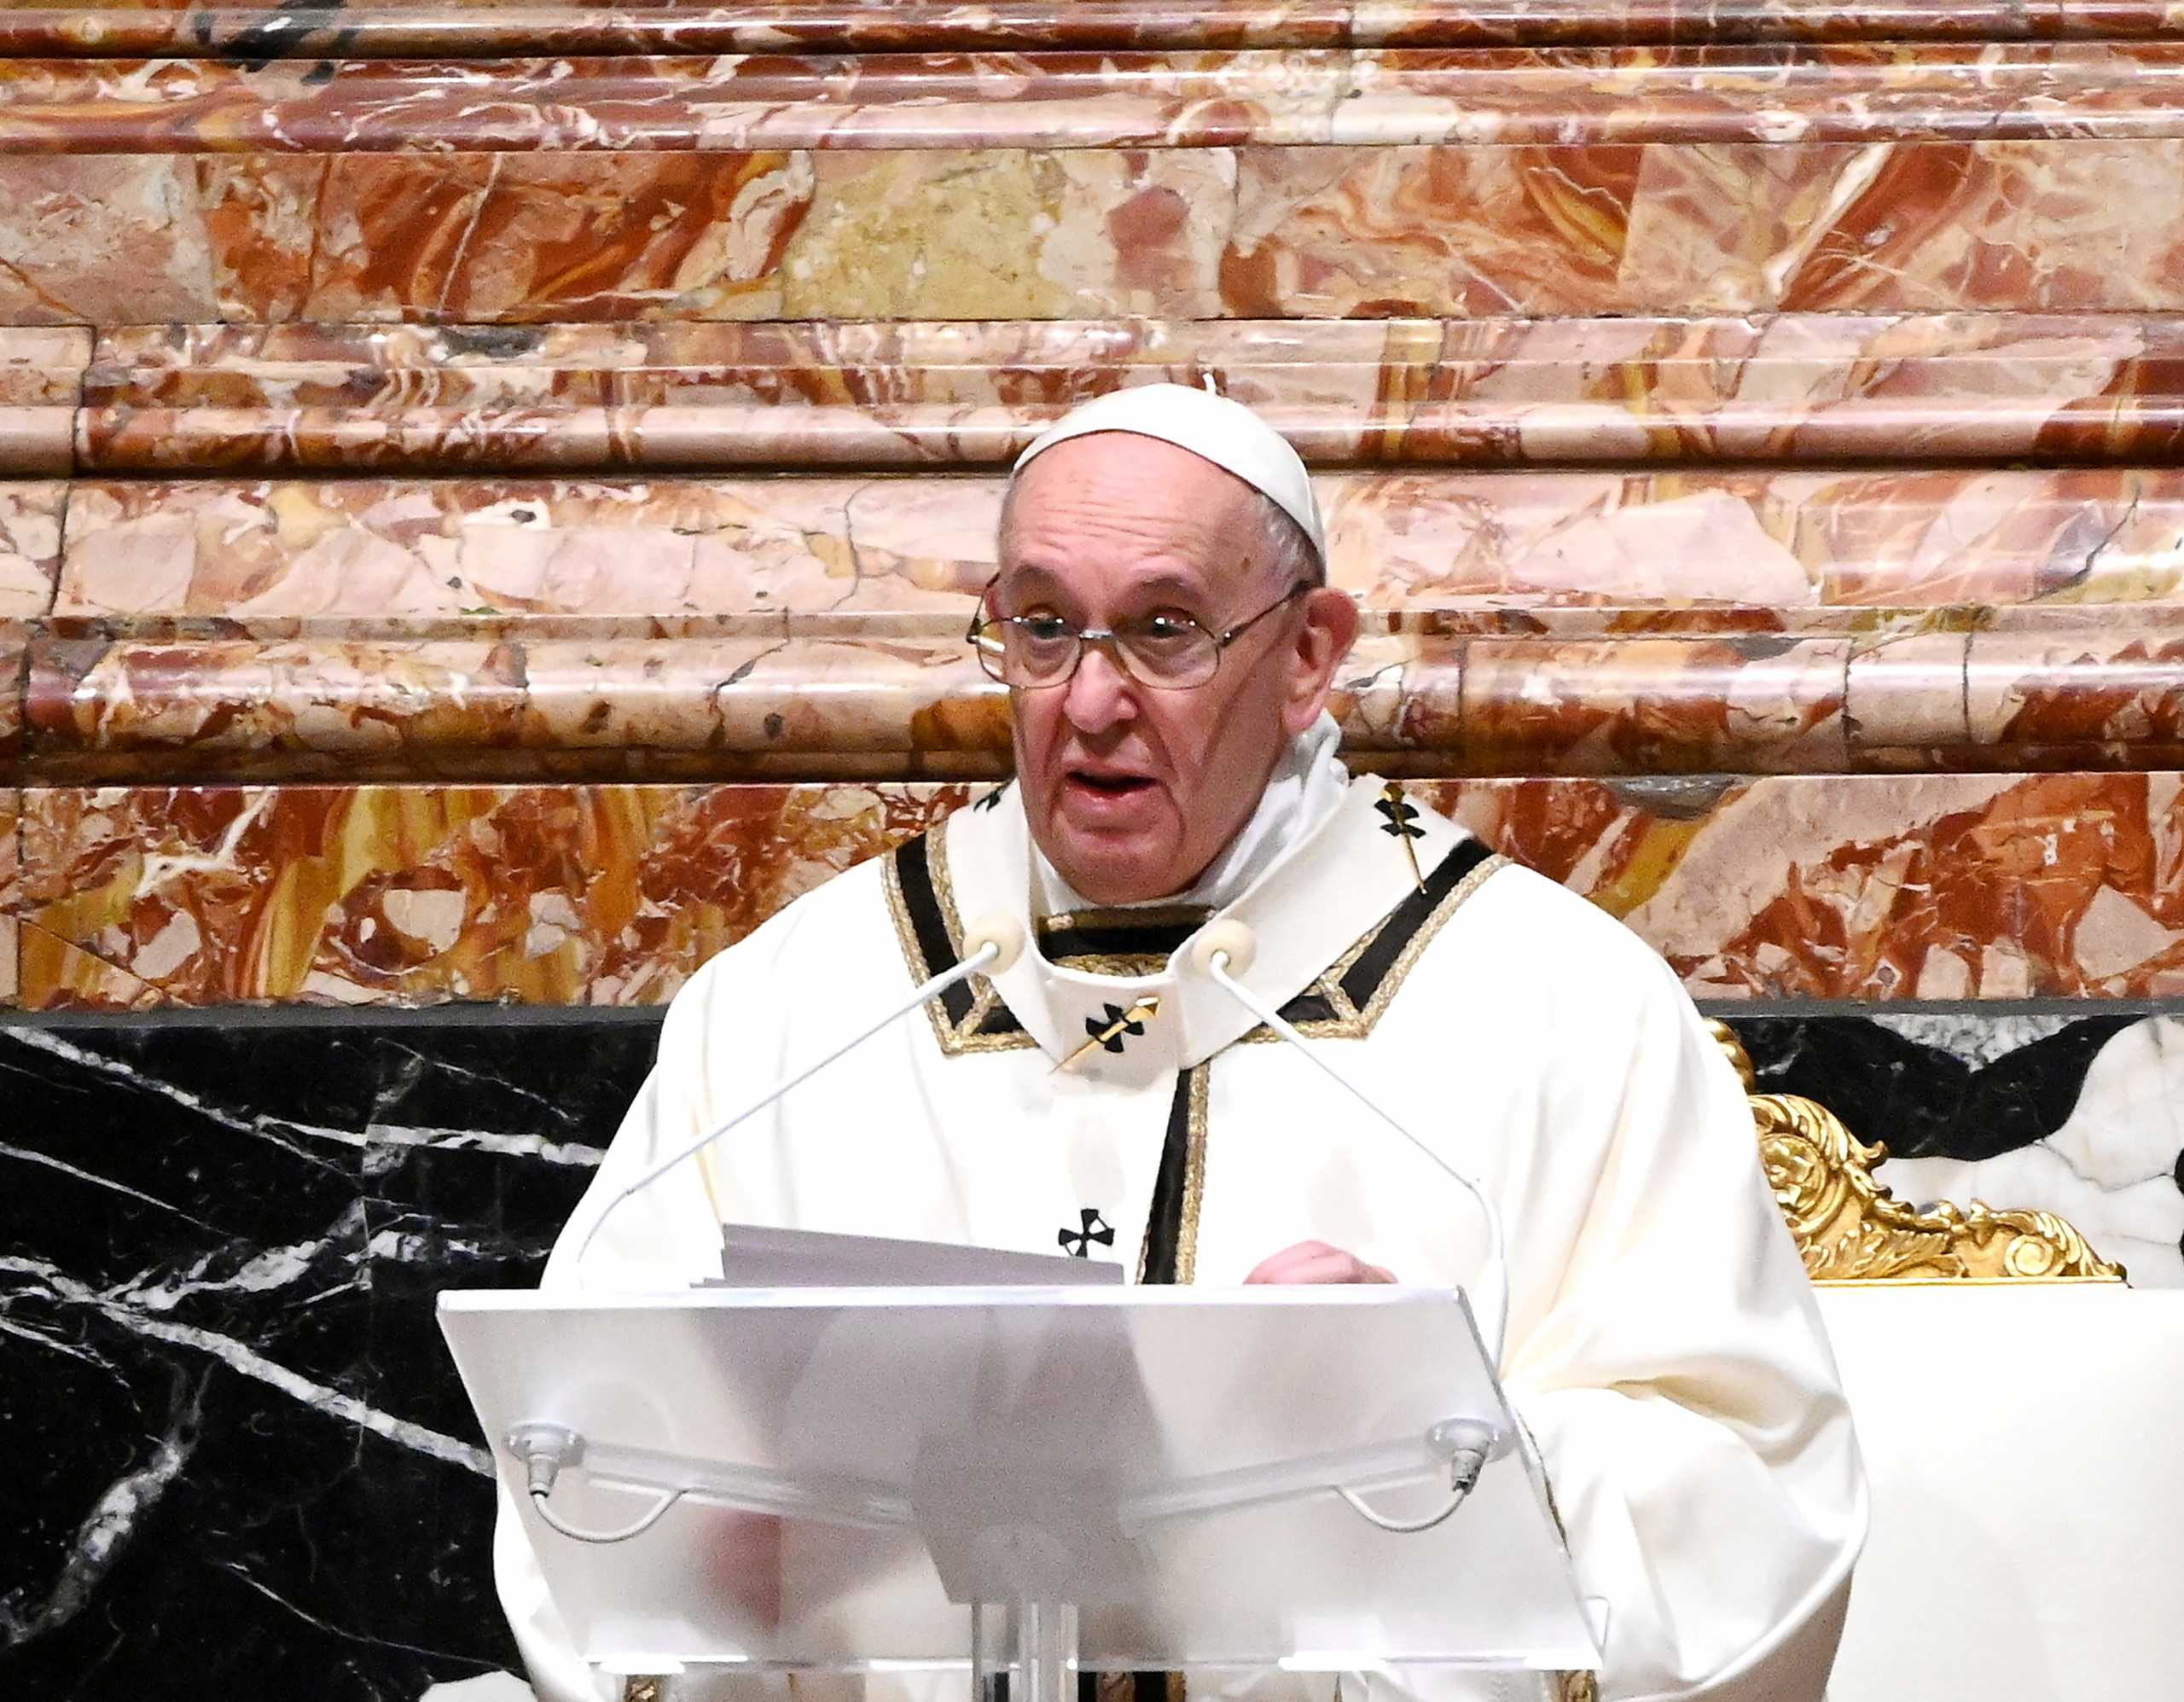 Ο πάπας Φραγκίσκος προσεύχεται ώστε ο Μπάιντεν να καθοδηγήσει τις ΗΠΑ στη συμφιλίωση